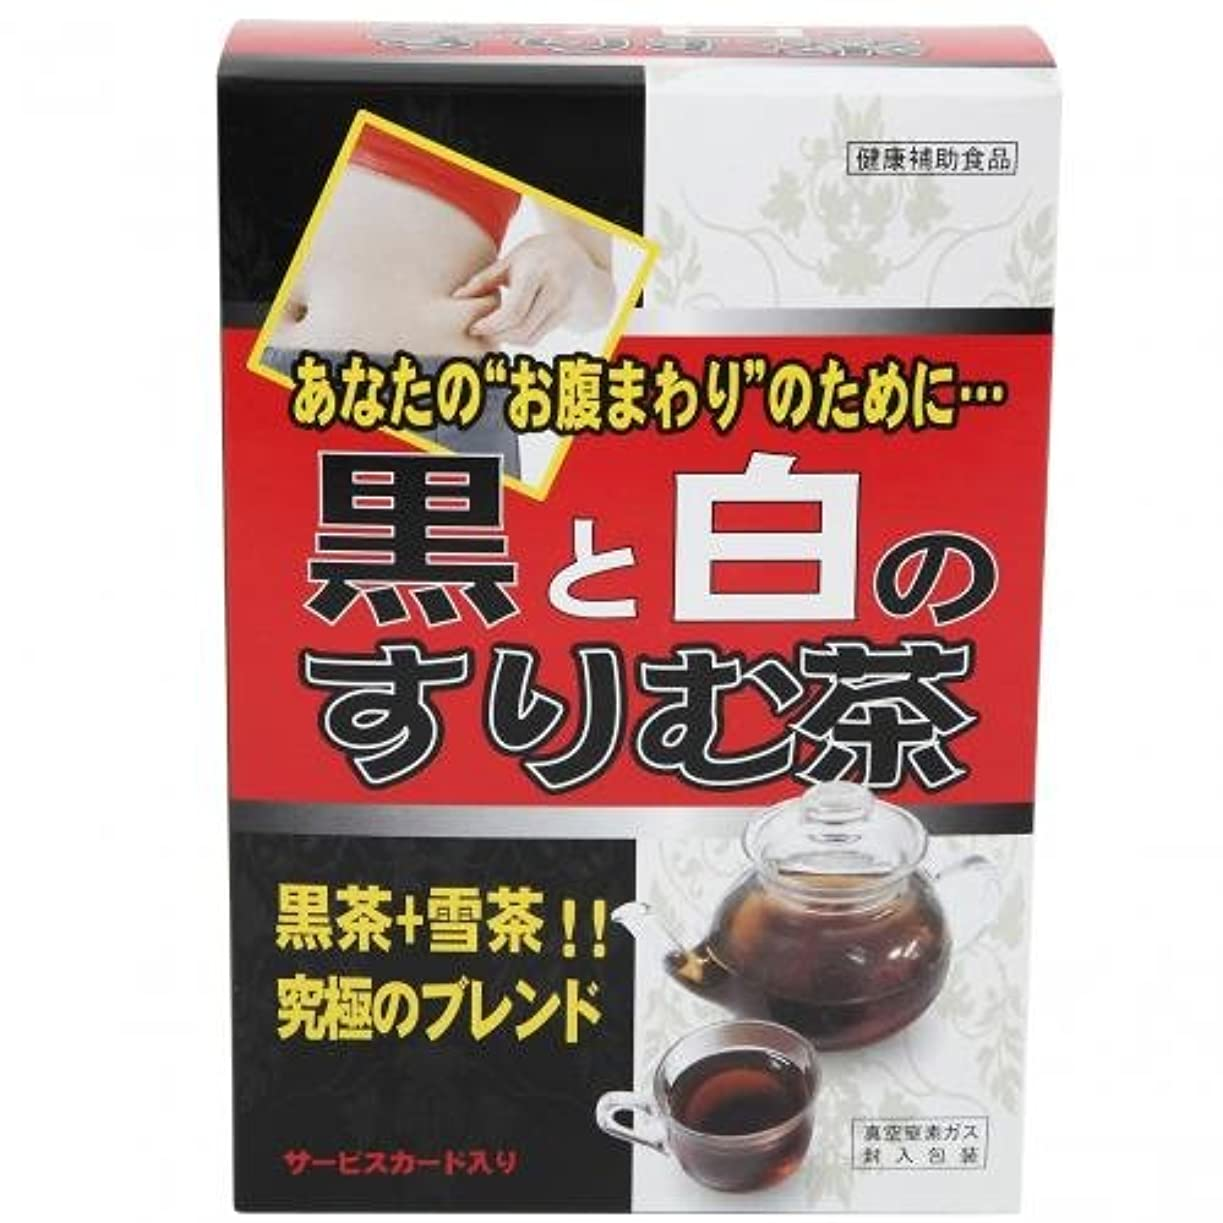 時系列紛争の間に共栄黒と白のすりむ茶 24包